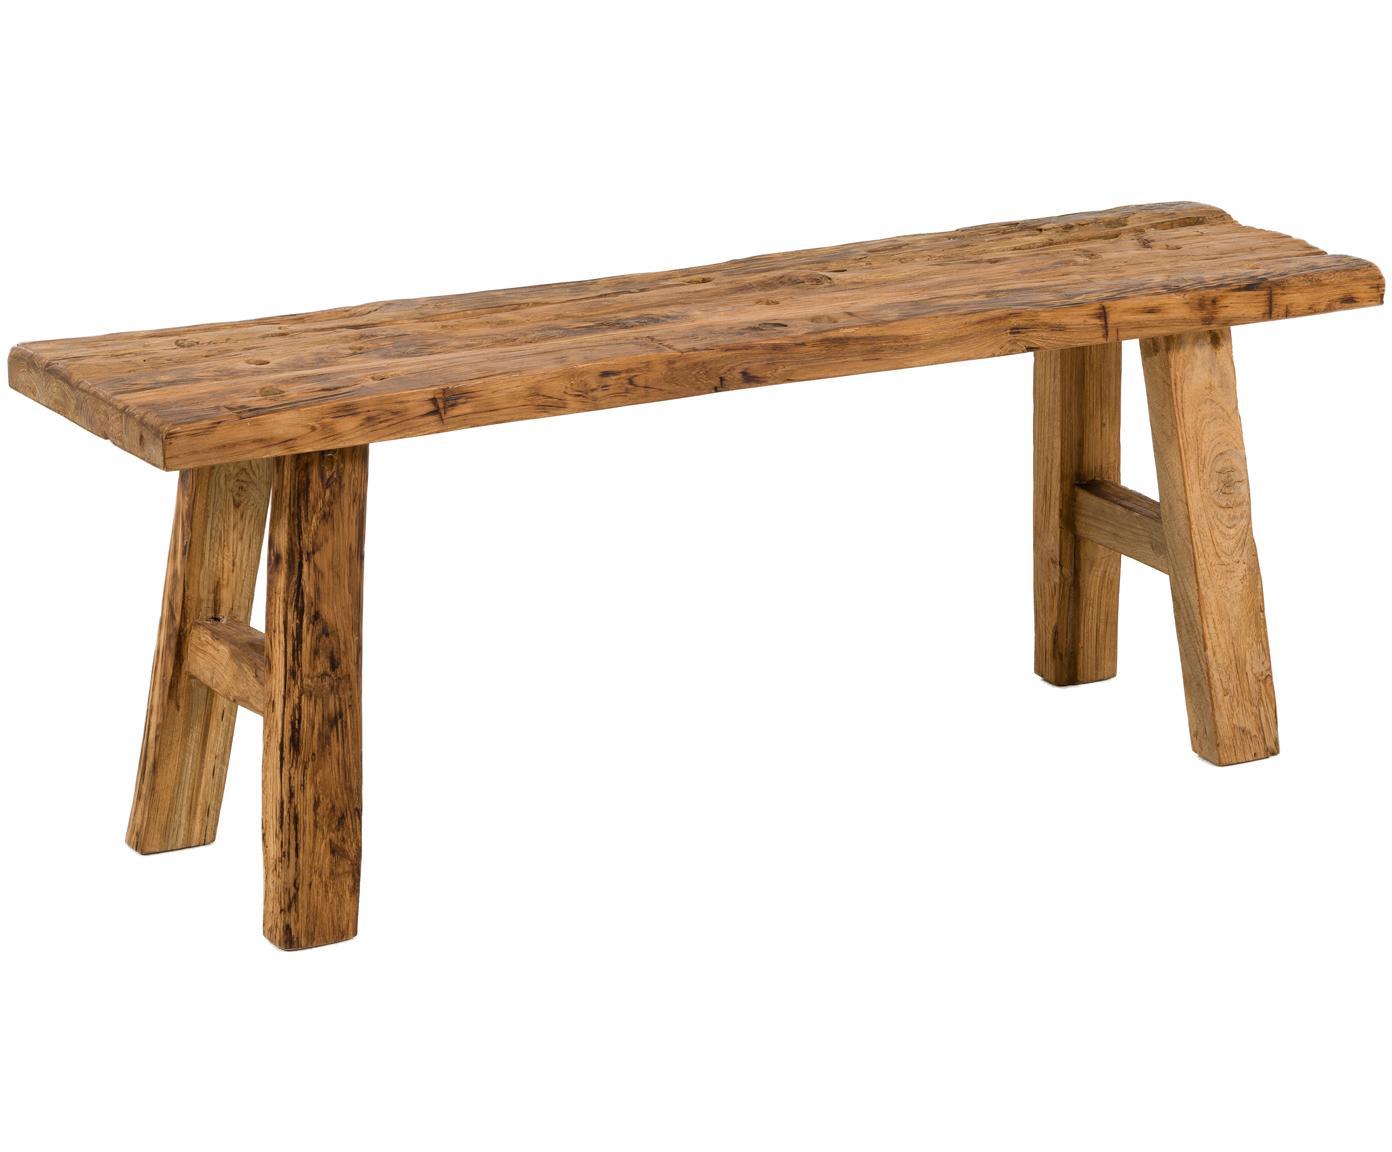 Banco de madera maciza de teca Decorative, Madera de teca natural, Teca, An 120 x Al 45 cm